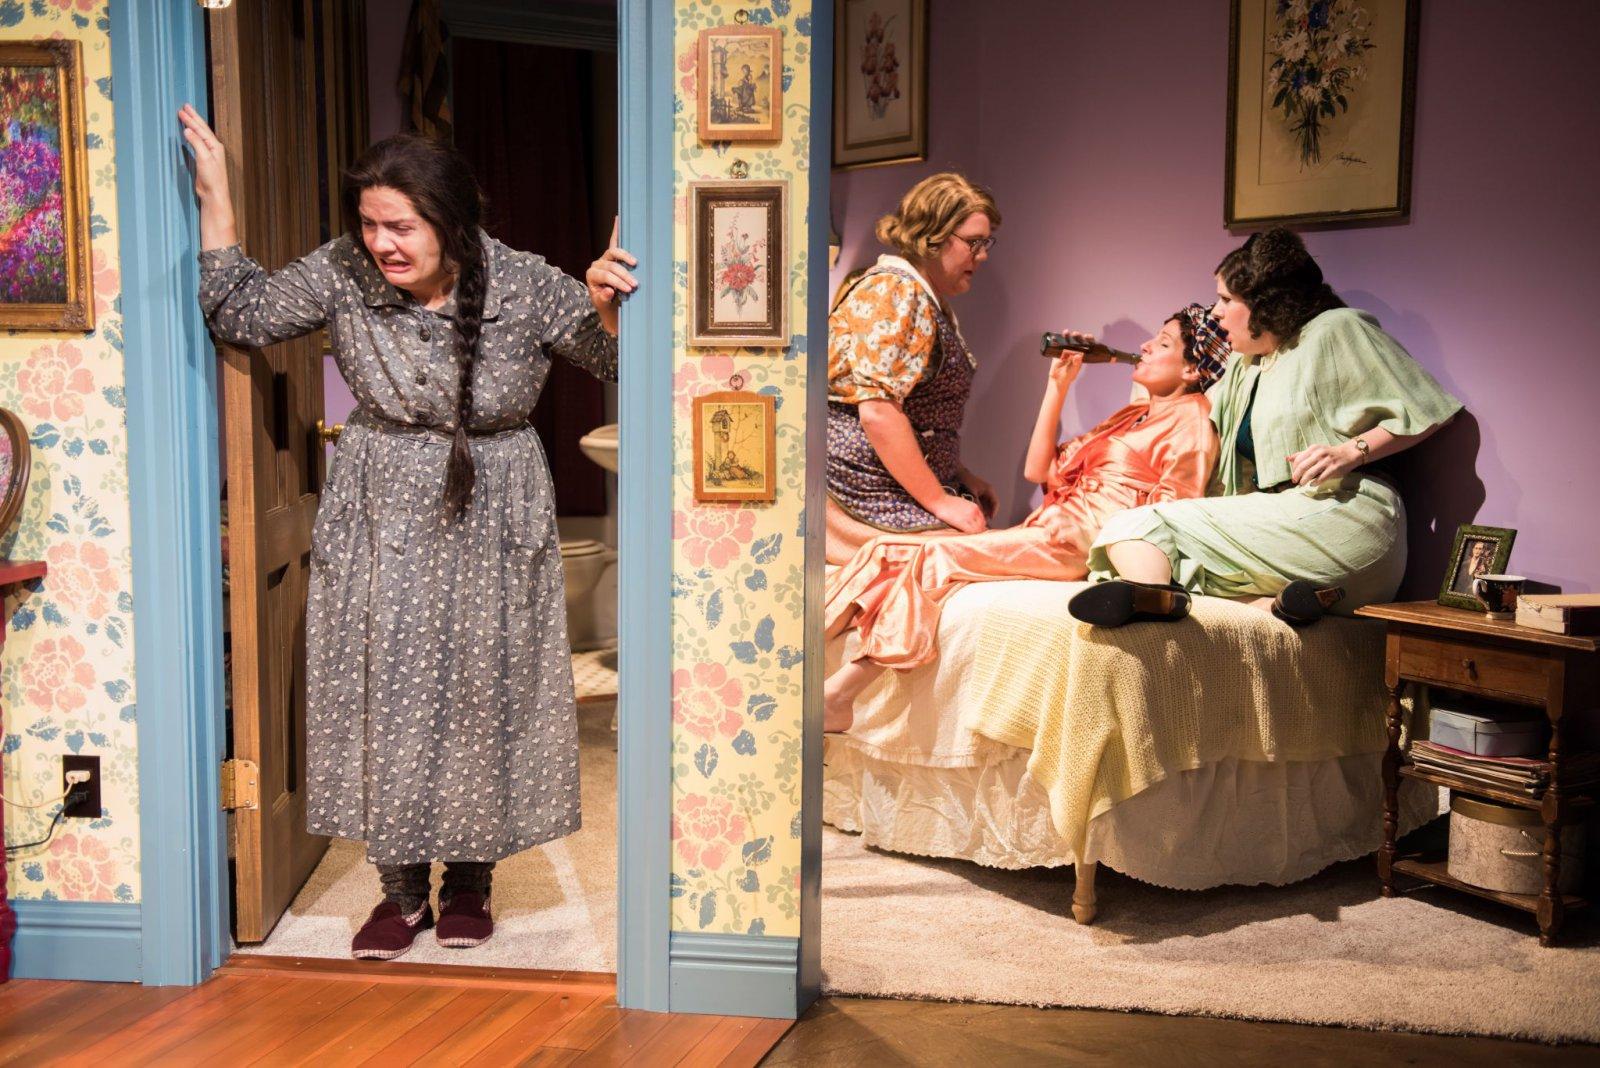 L-R: Karen Estrada as Sophie Gluck, Kelly Doherty as Bodey, Kay Allmand as Dorothea, Molly Rhode as Helena